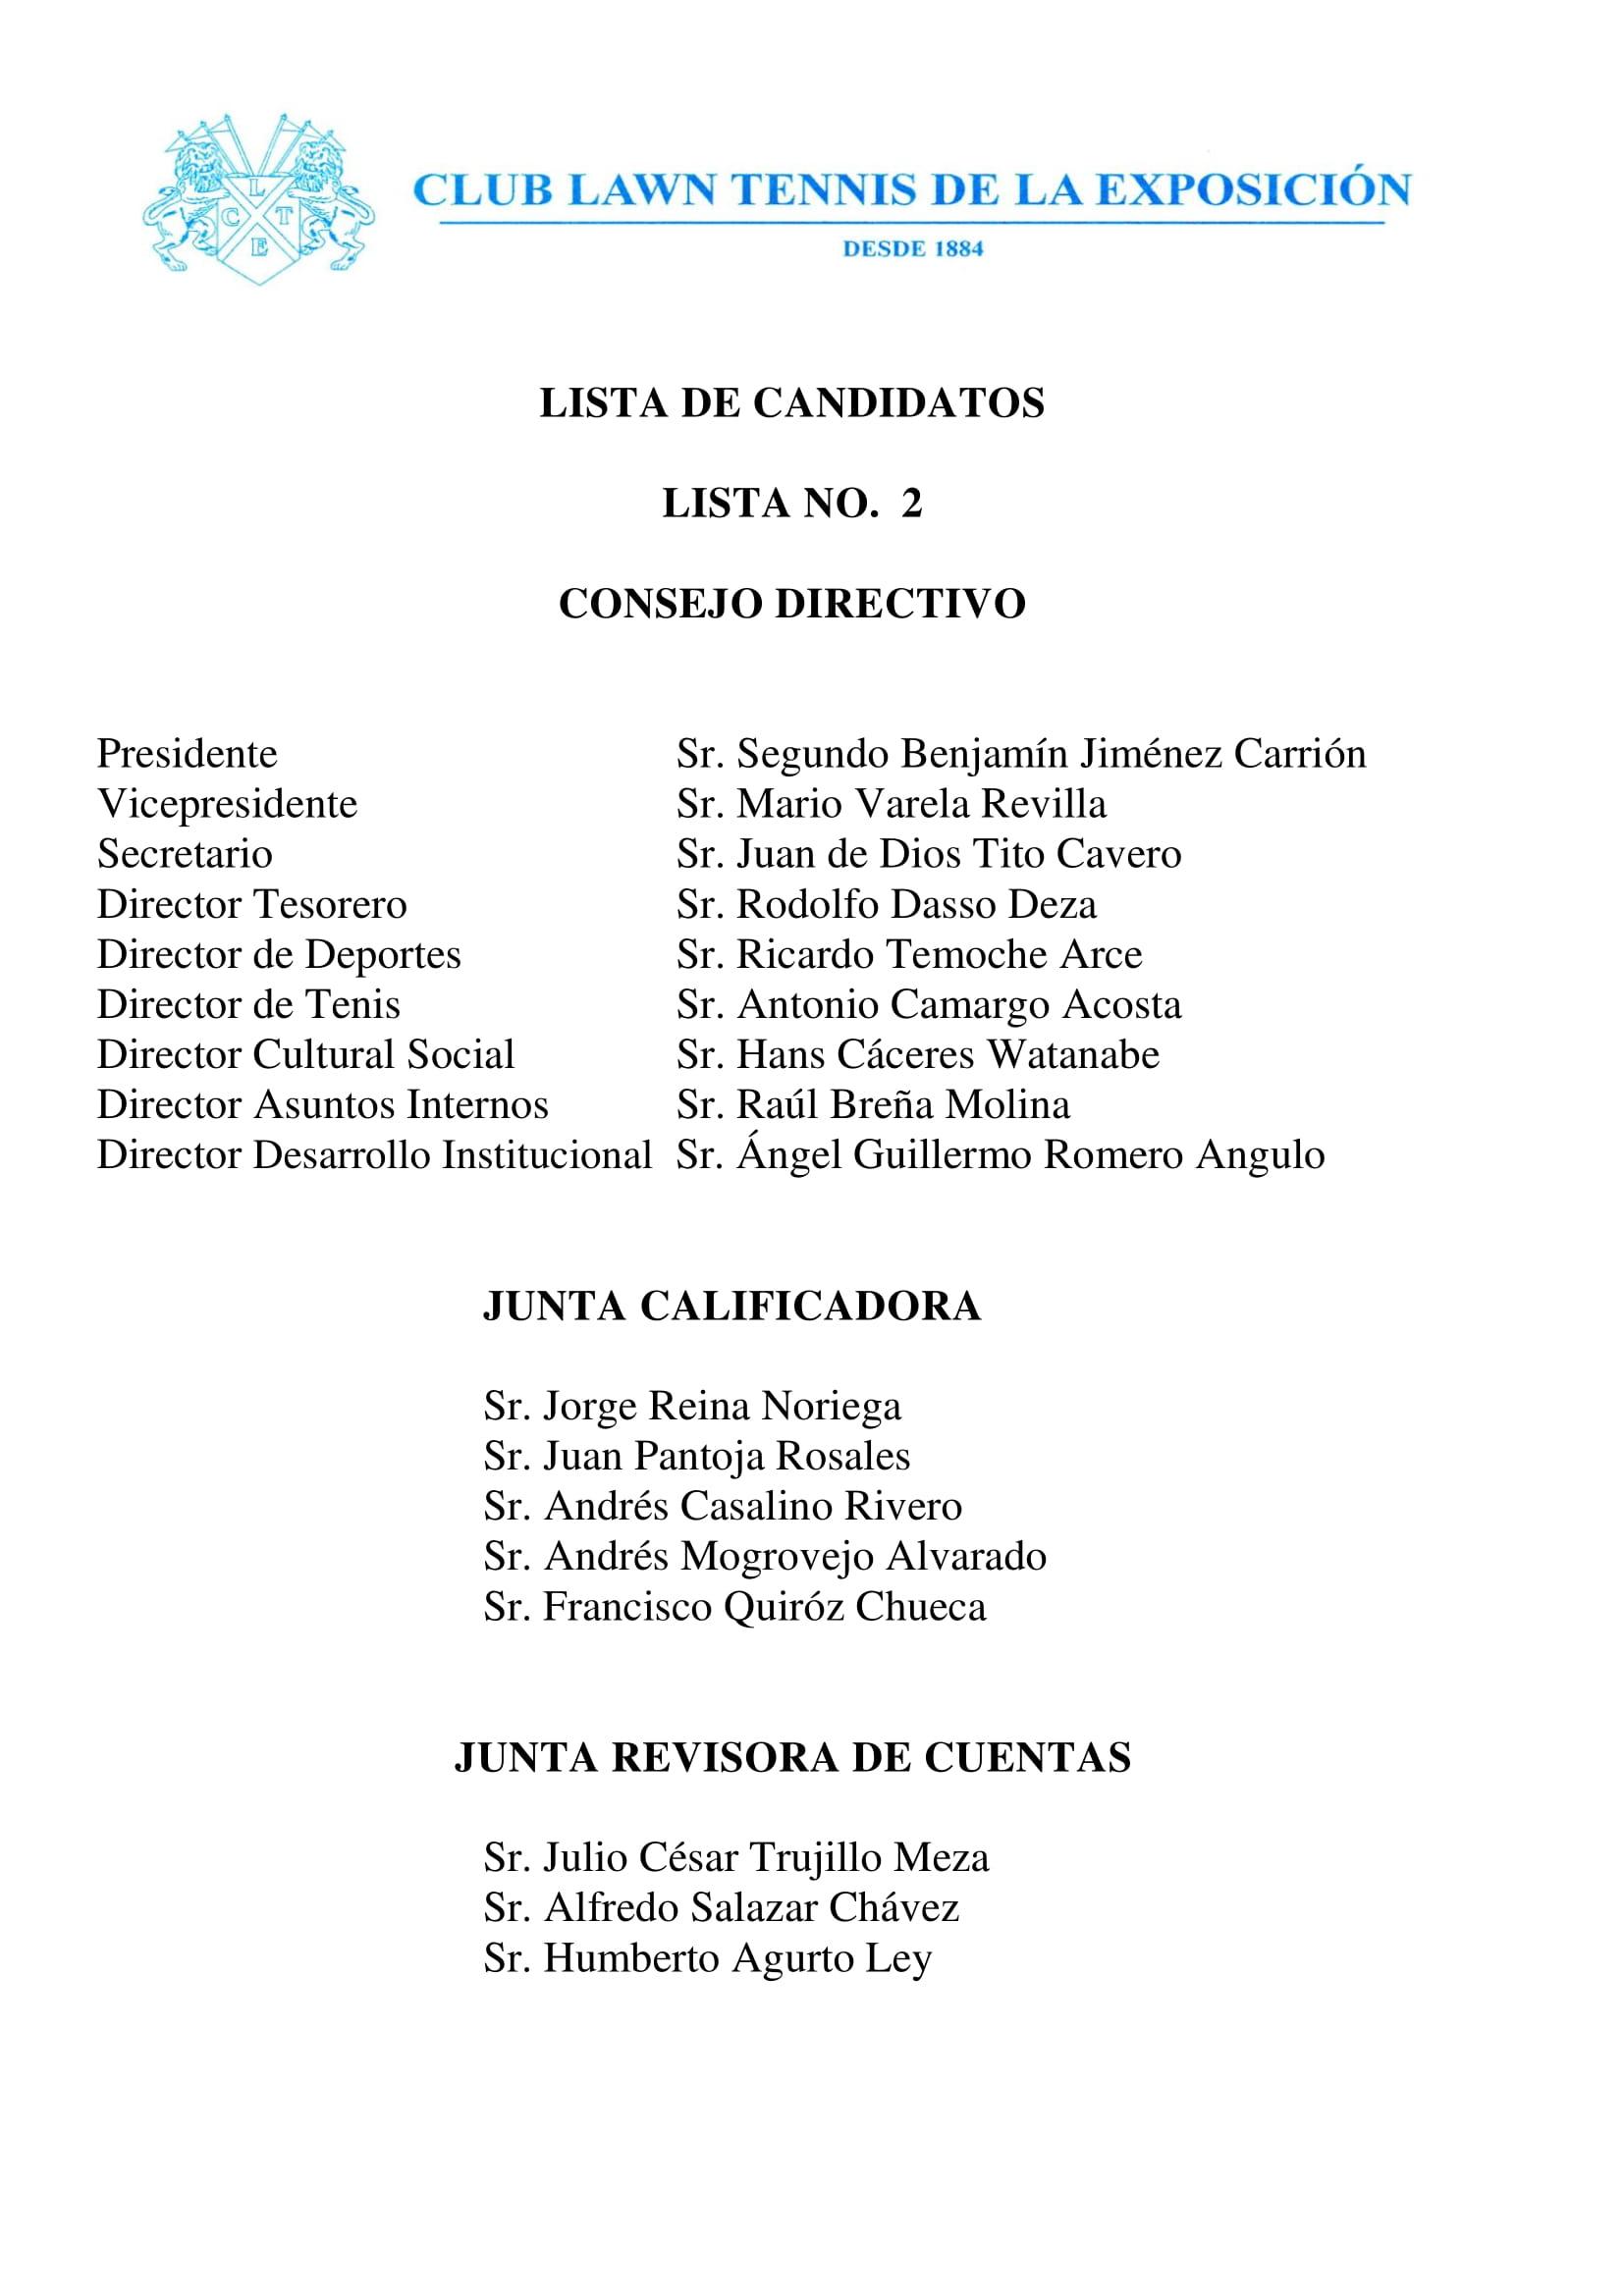 Lista Candidatos Lista No. 2 v2-1